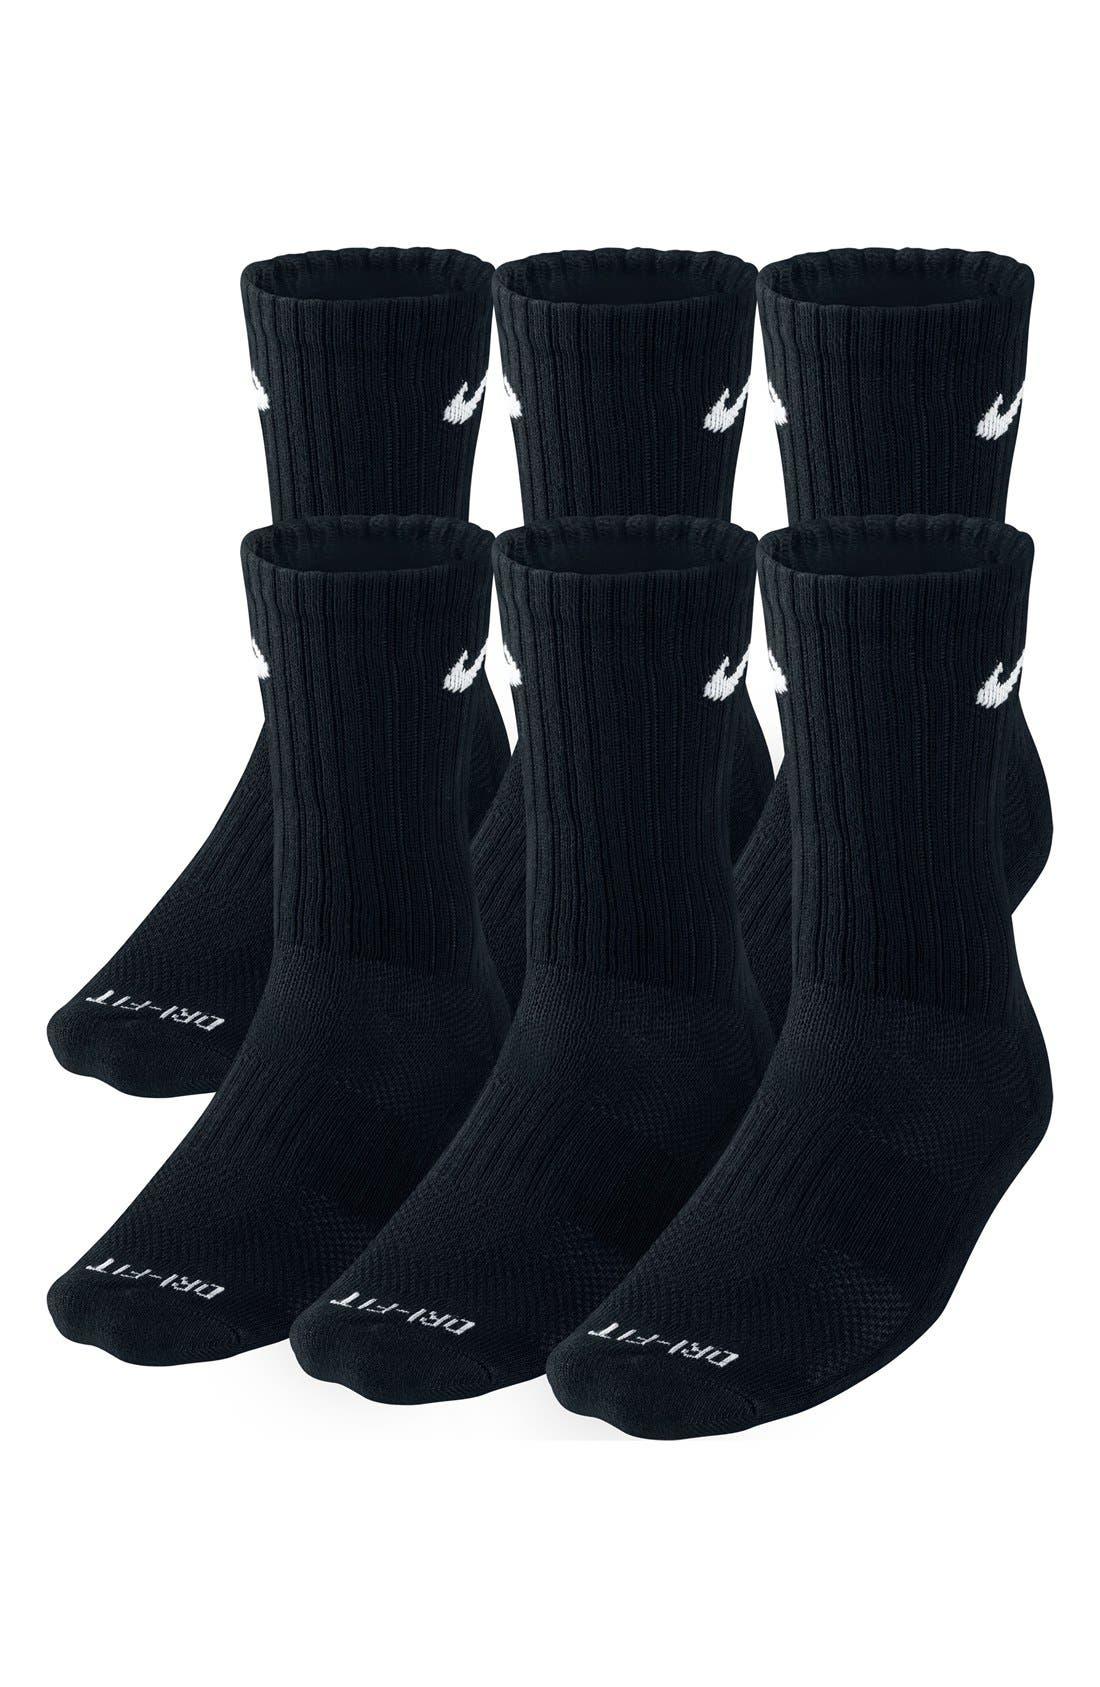 Dri-FIT Crew Socks,                         Main,                         color, Black/ White